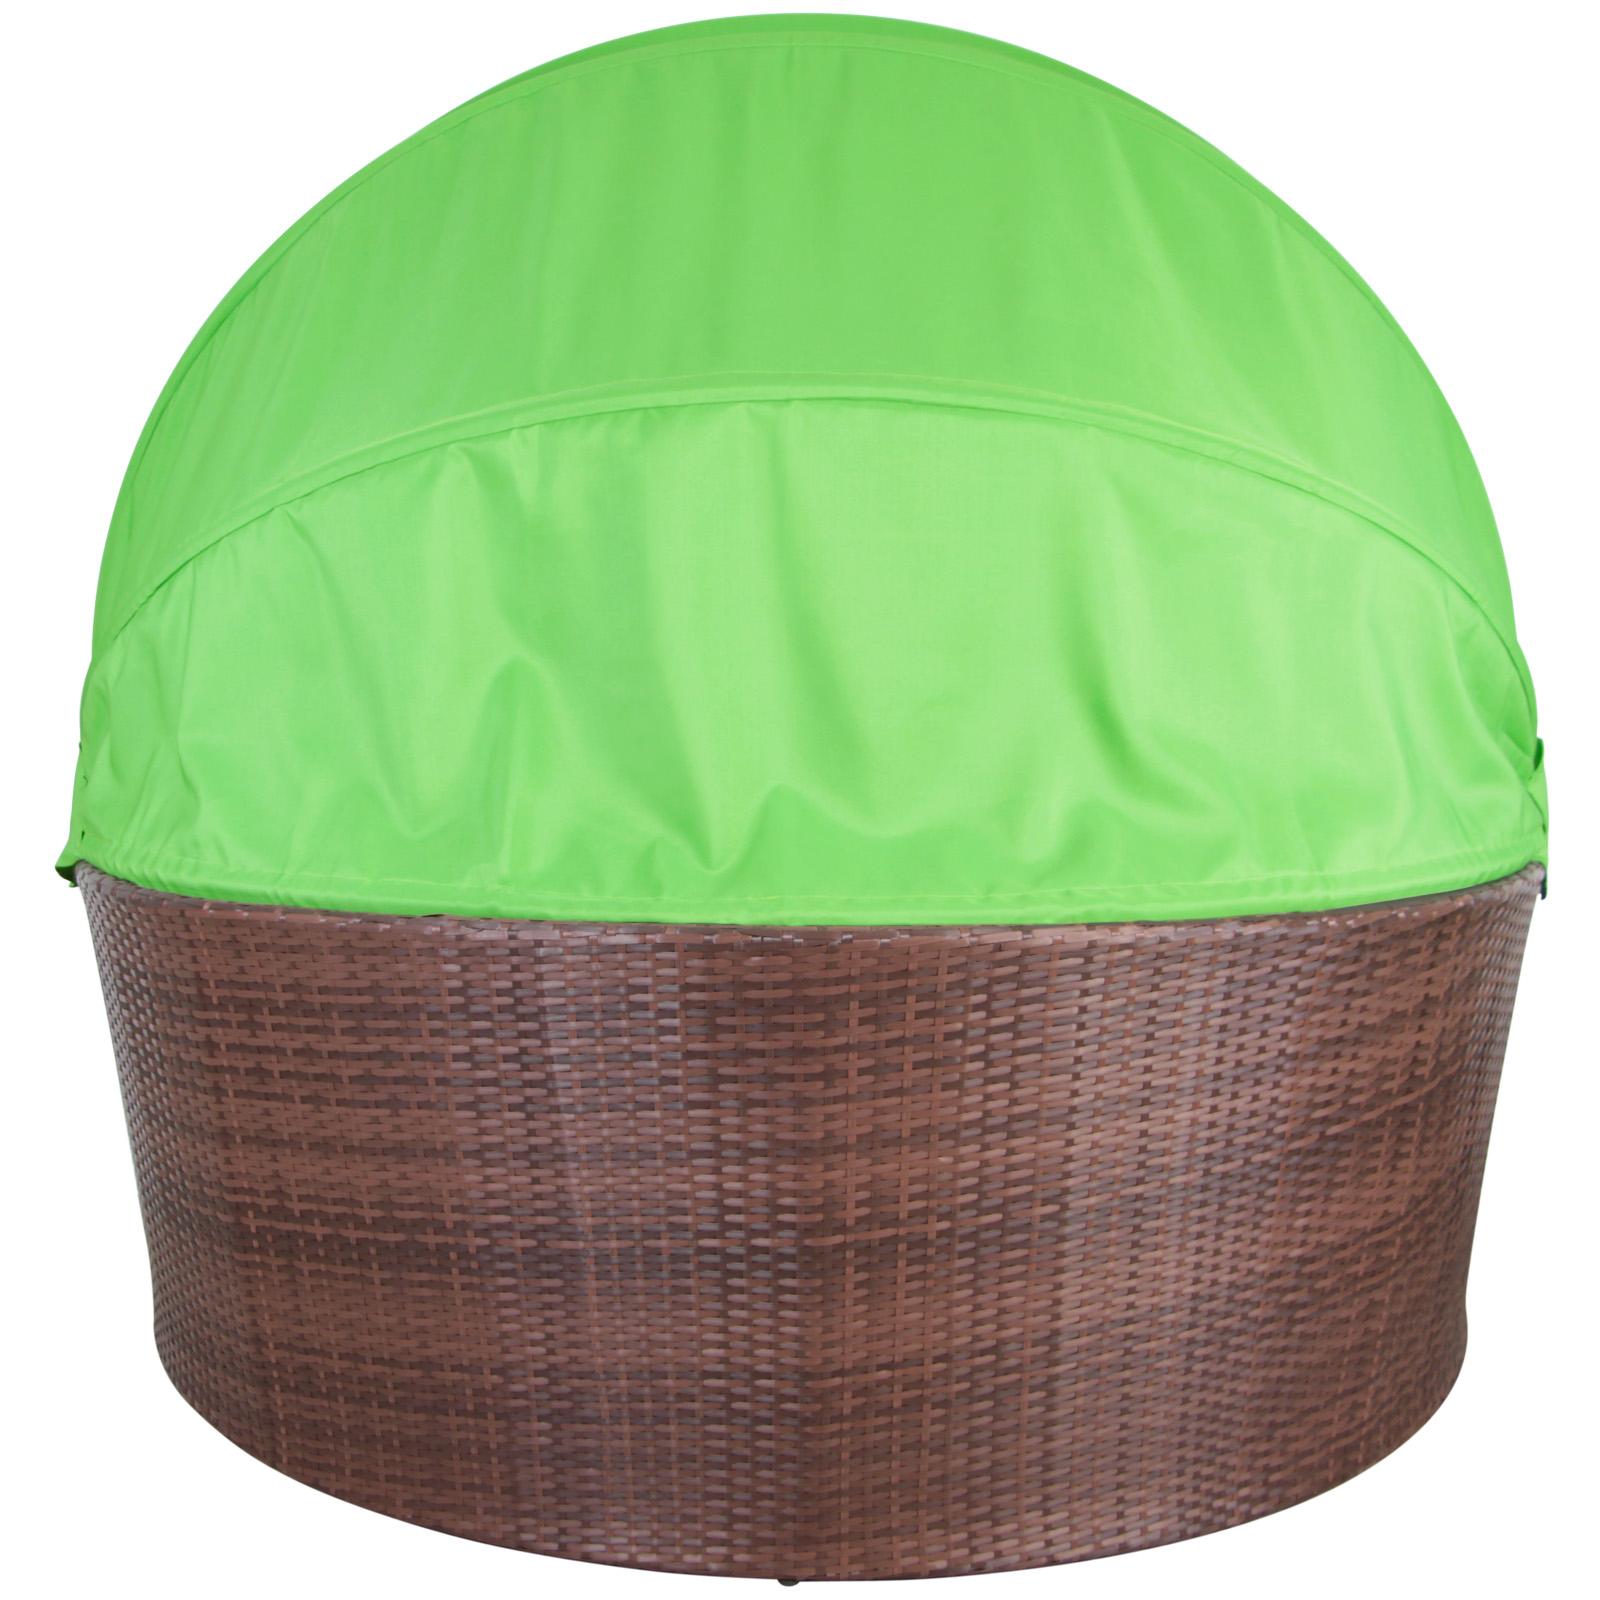 Sonneninsel mit dach selber bauen  Polyrattan Lounge-Muschel Sonneninsel MAURITIUS Sonnenliege Garten ...